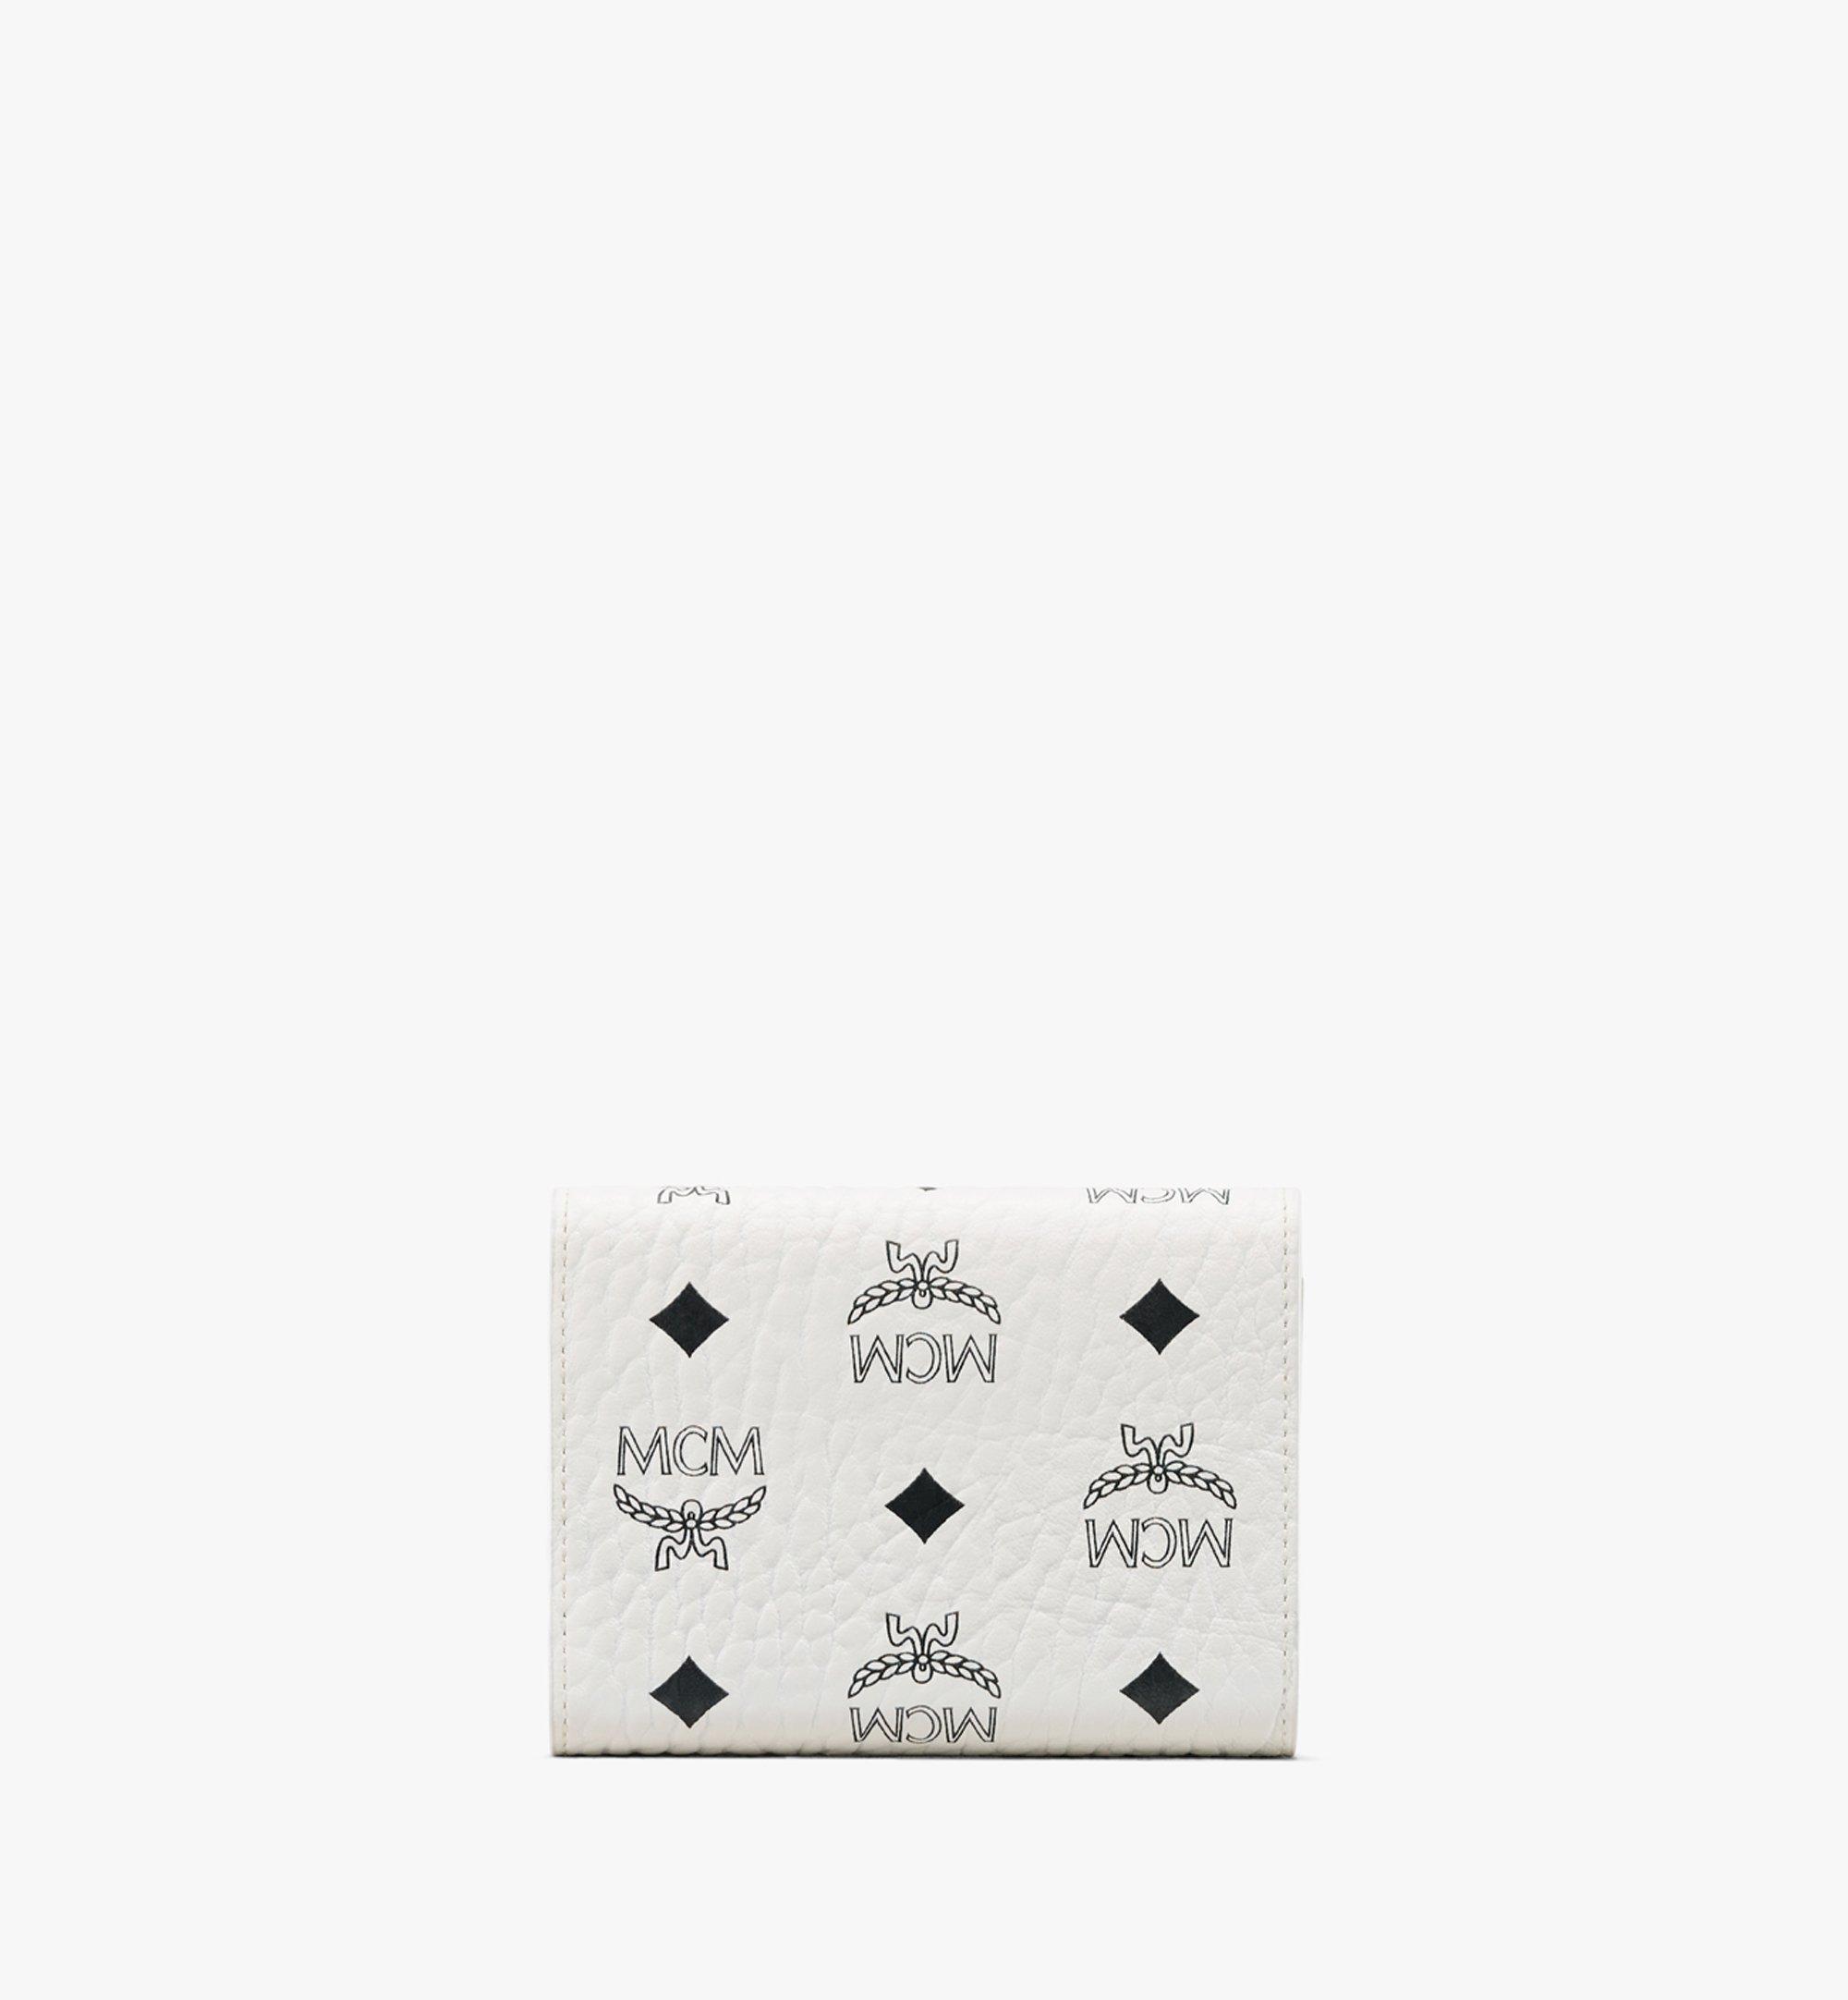 MCM Patricia Three-Fold Wallet in Visetos White MYS9APA13WT001 Alternate View 2